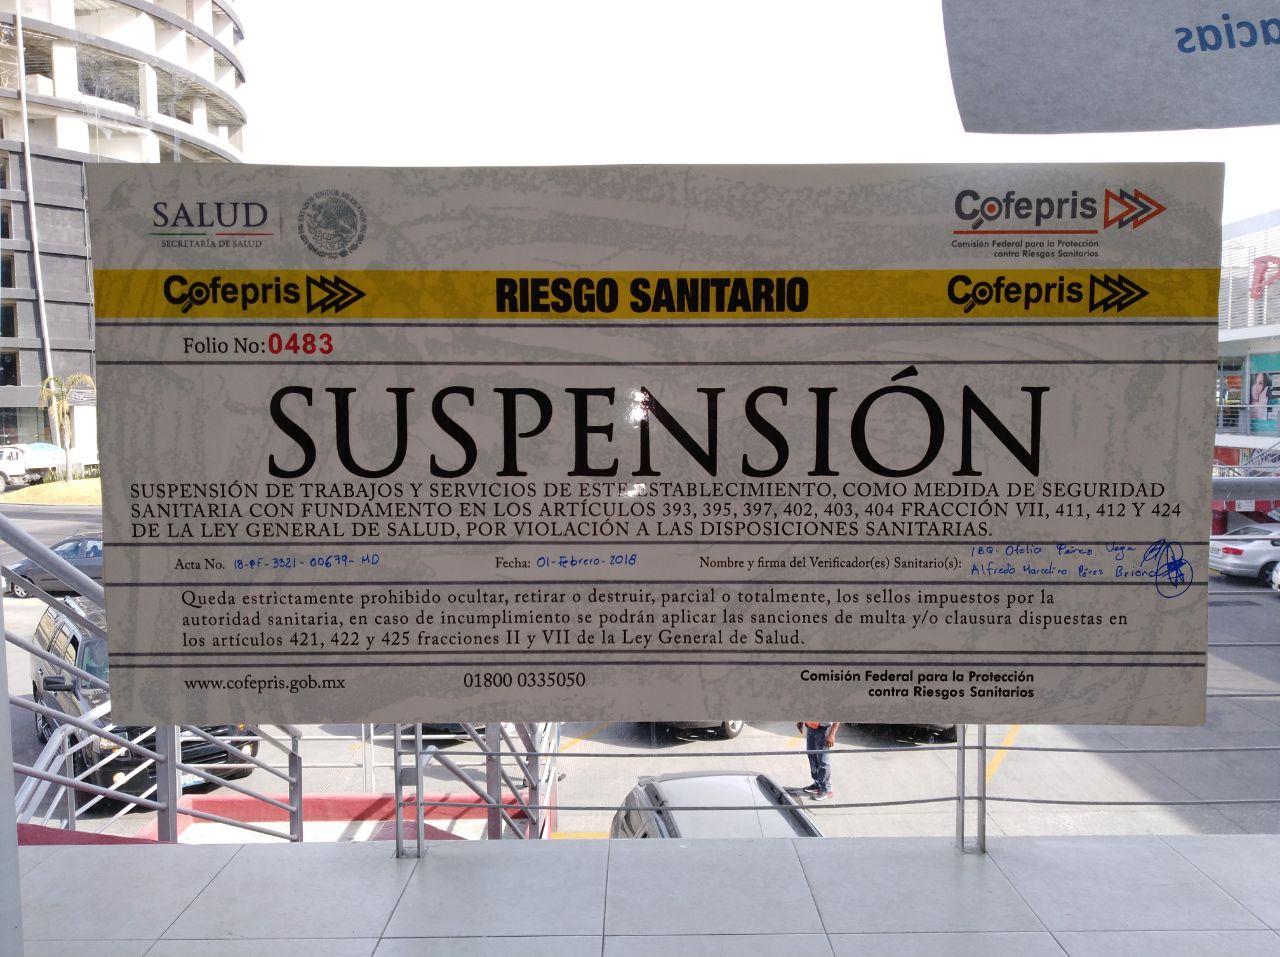 Etiqueta de suspensión.